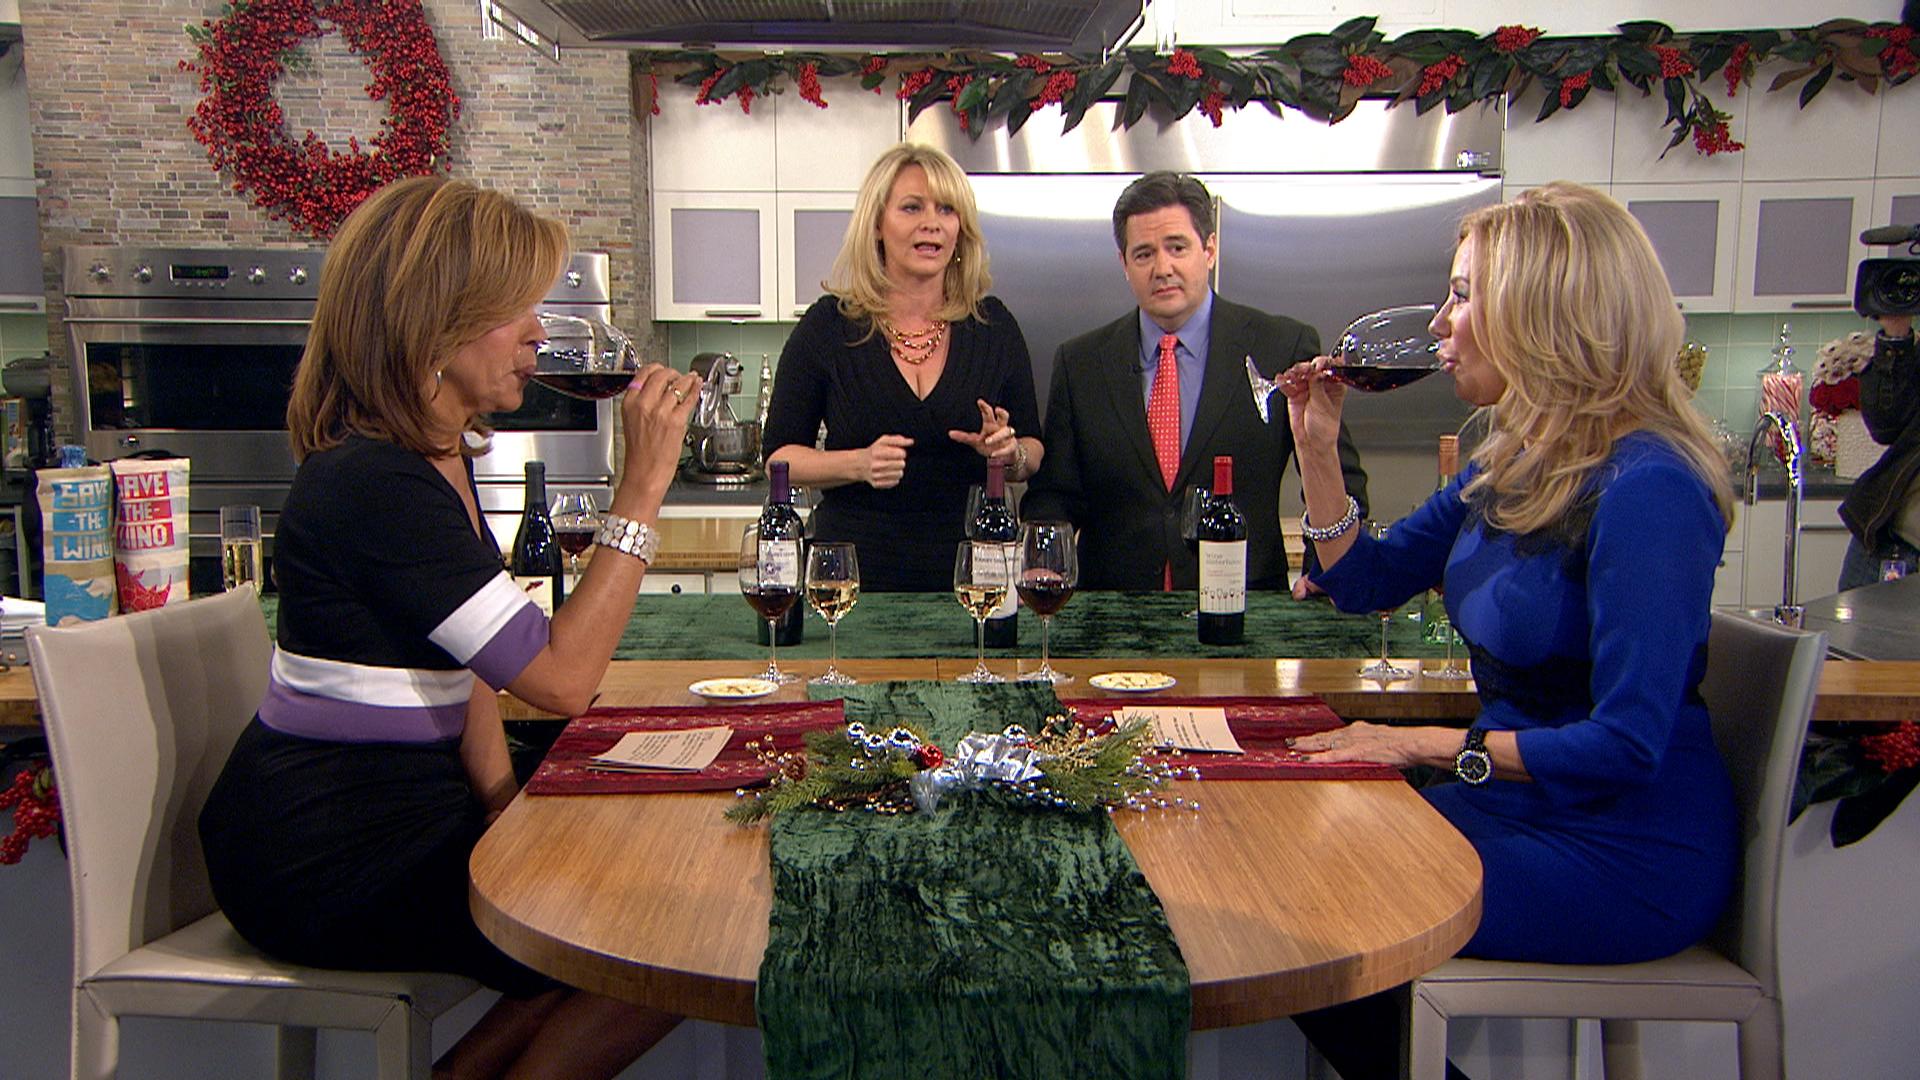 mums wine meet the parents trilogy